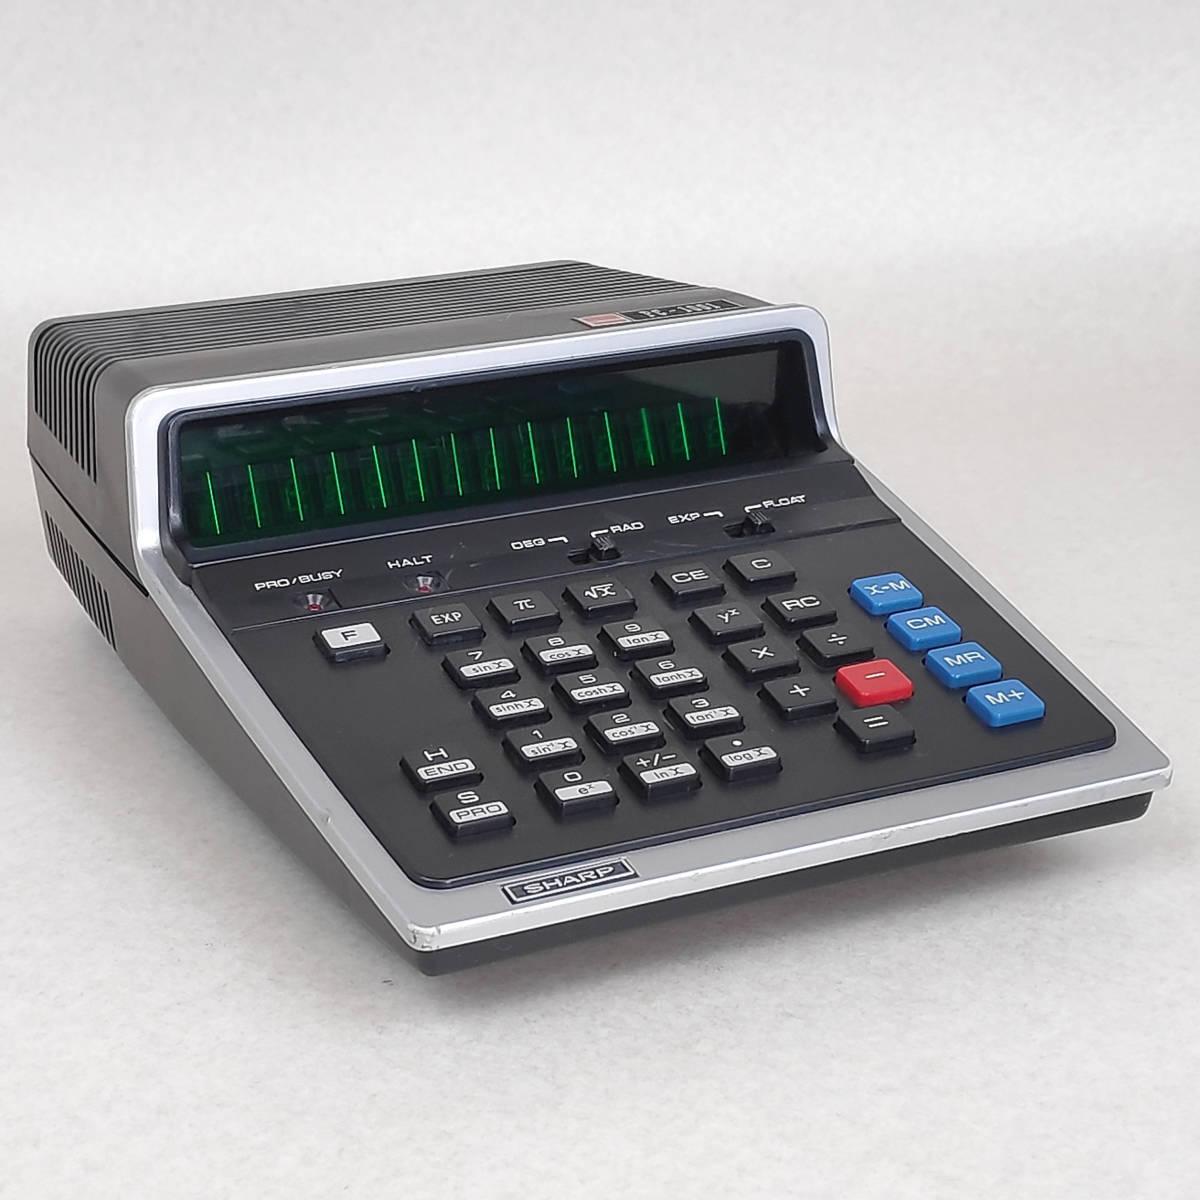 SHARP 電卓 PC-1001 ジャンク 06179